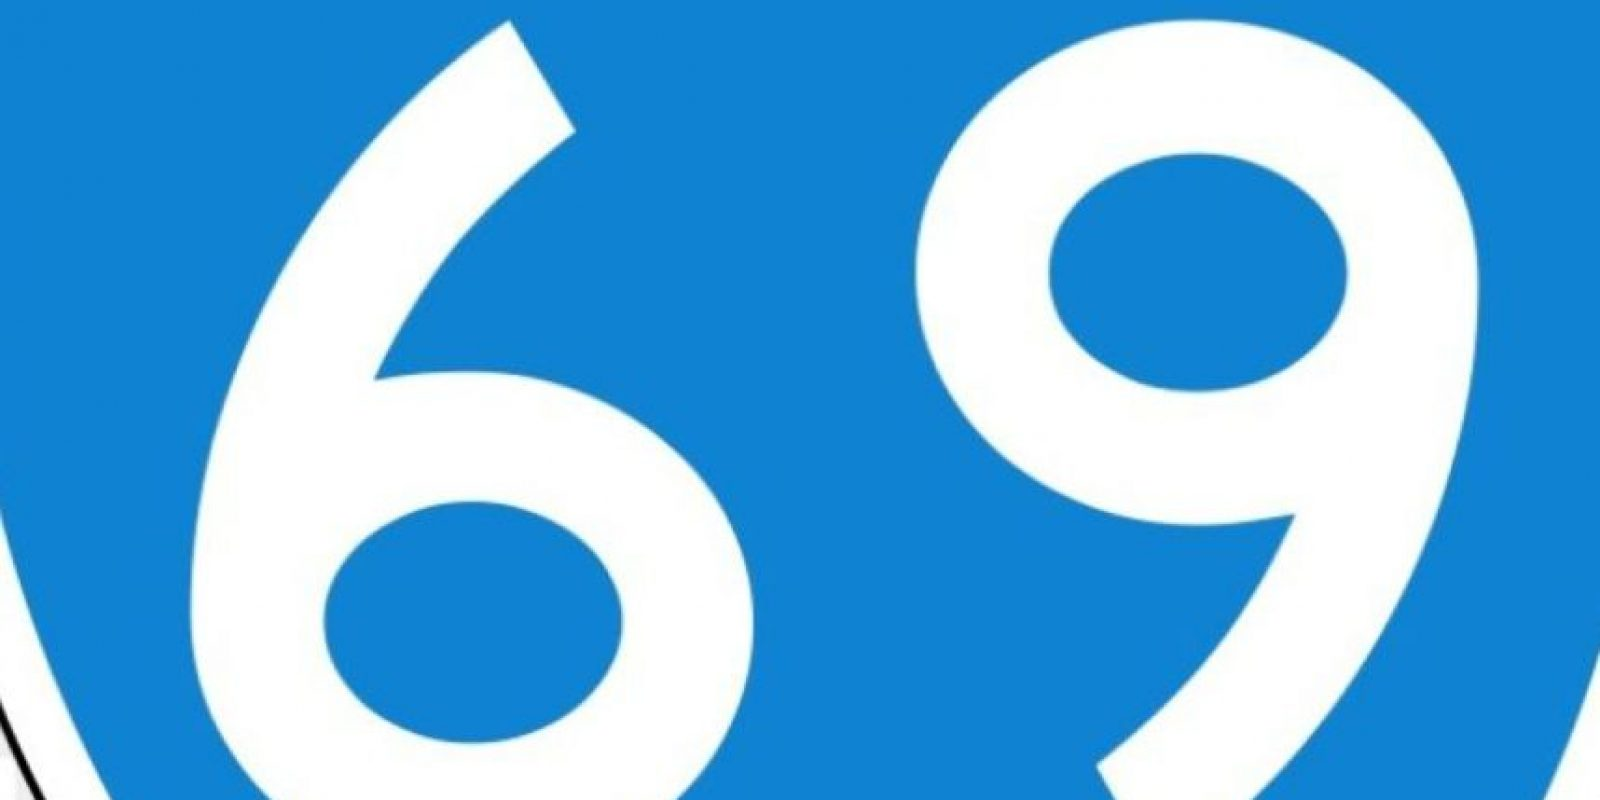 69: Dos personas tienen sexo oral mutuamente, en posición invertida. Foto:Wikipedia